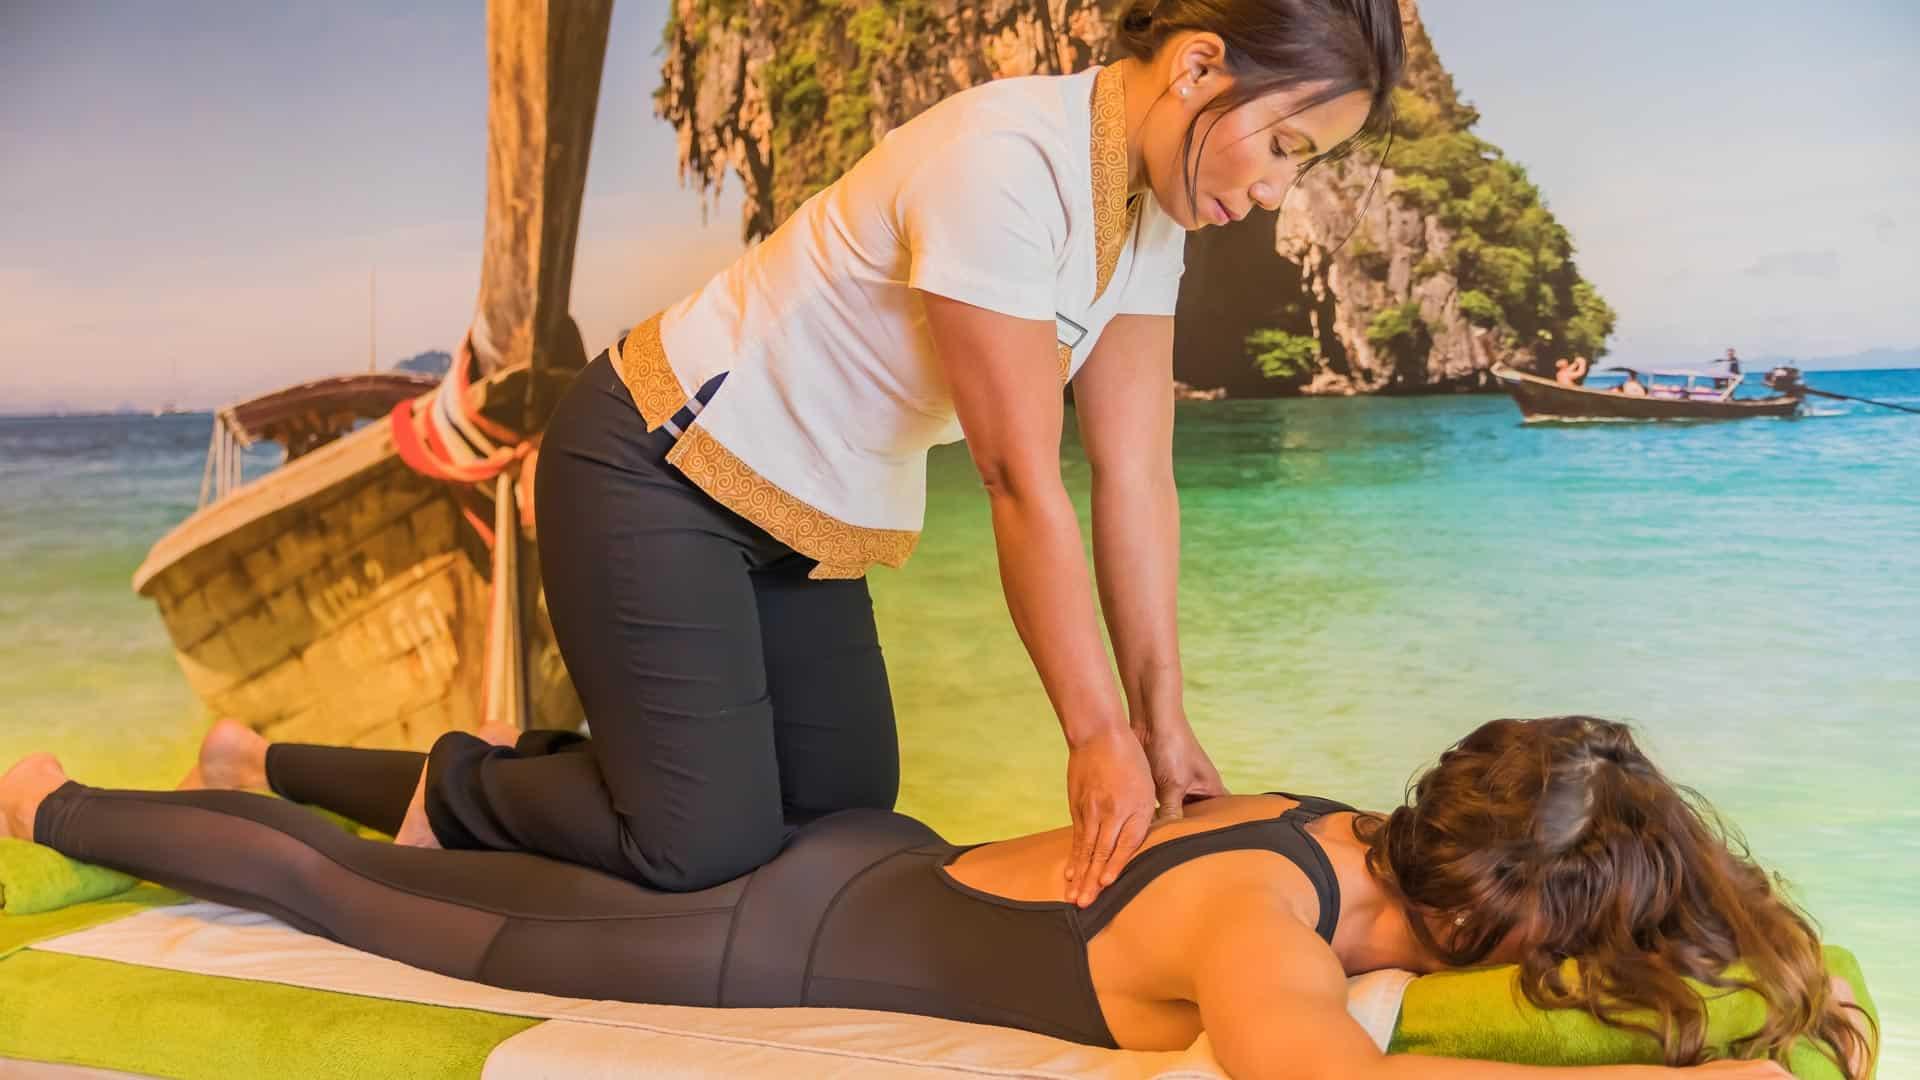 bei der Thai Massage kniet die Masseurin auf dem Kunden und drückt mit den Daumen in die Schultermuskeln um Verspannungen zu lockern.